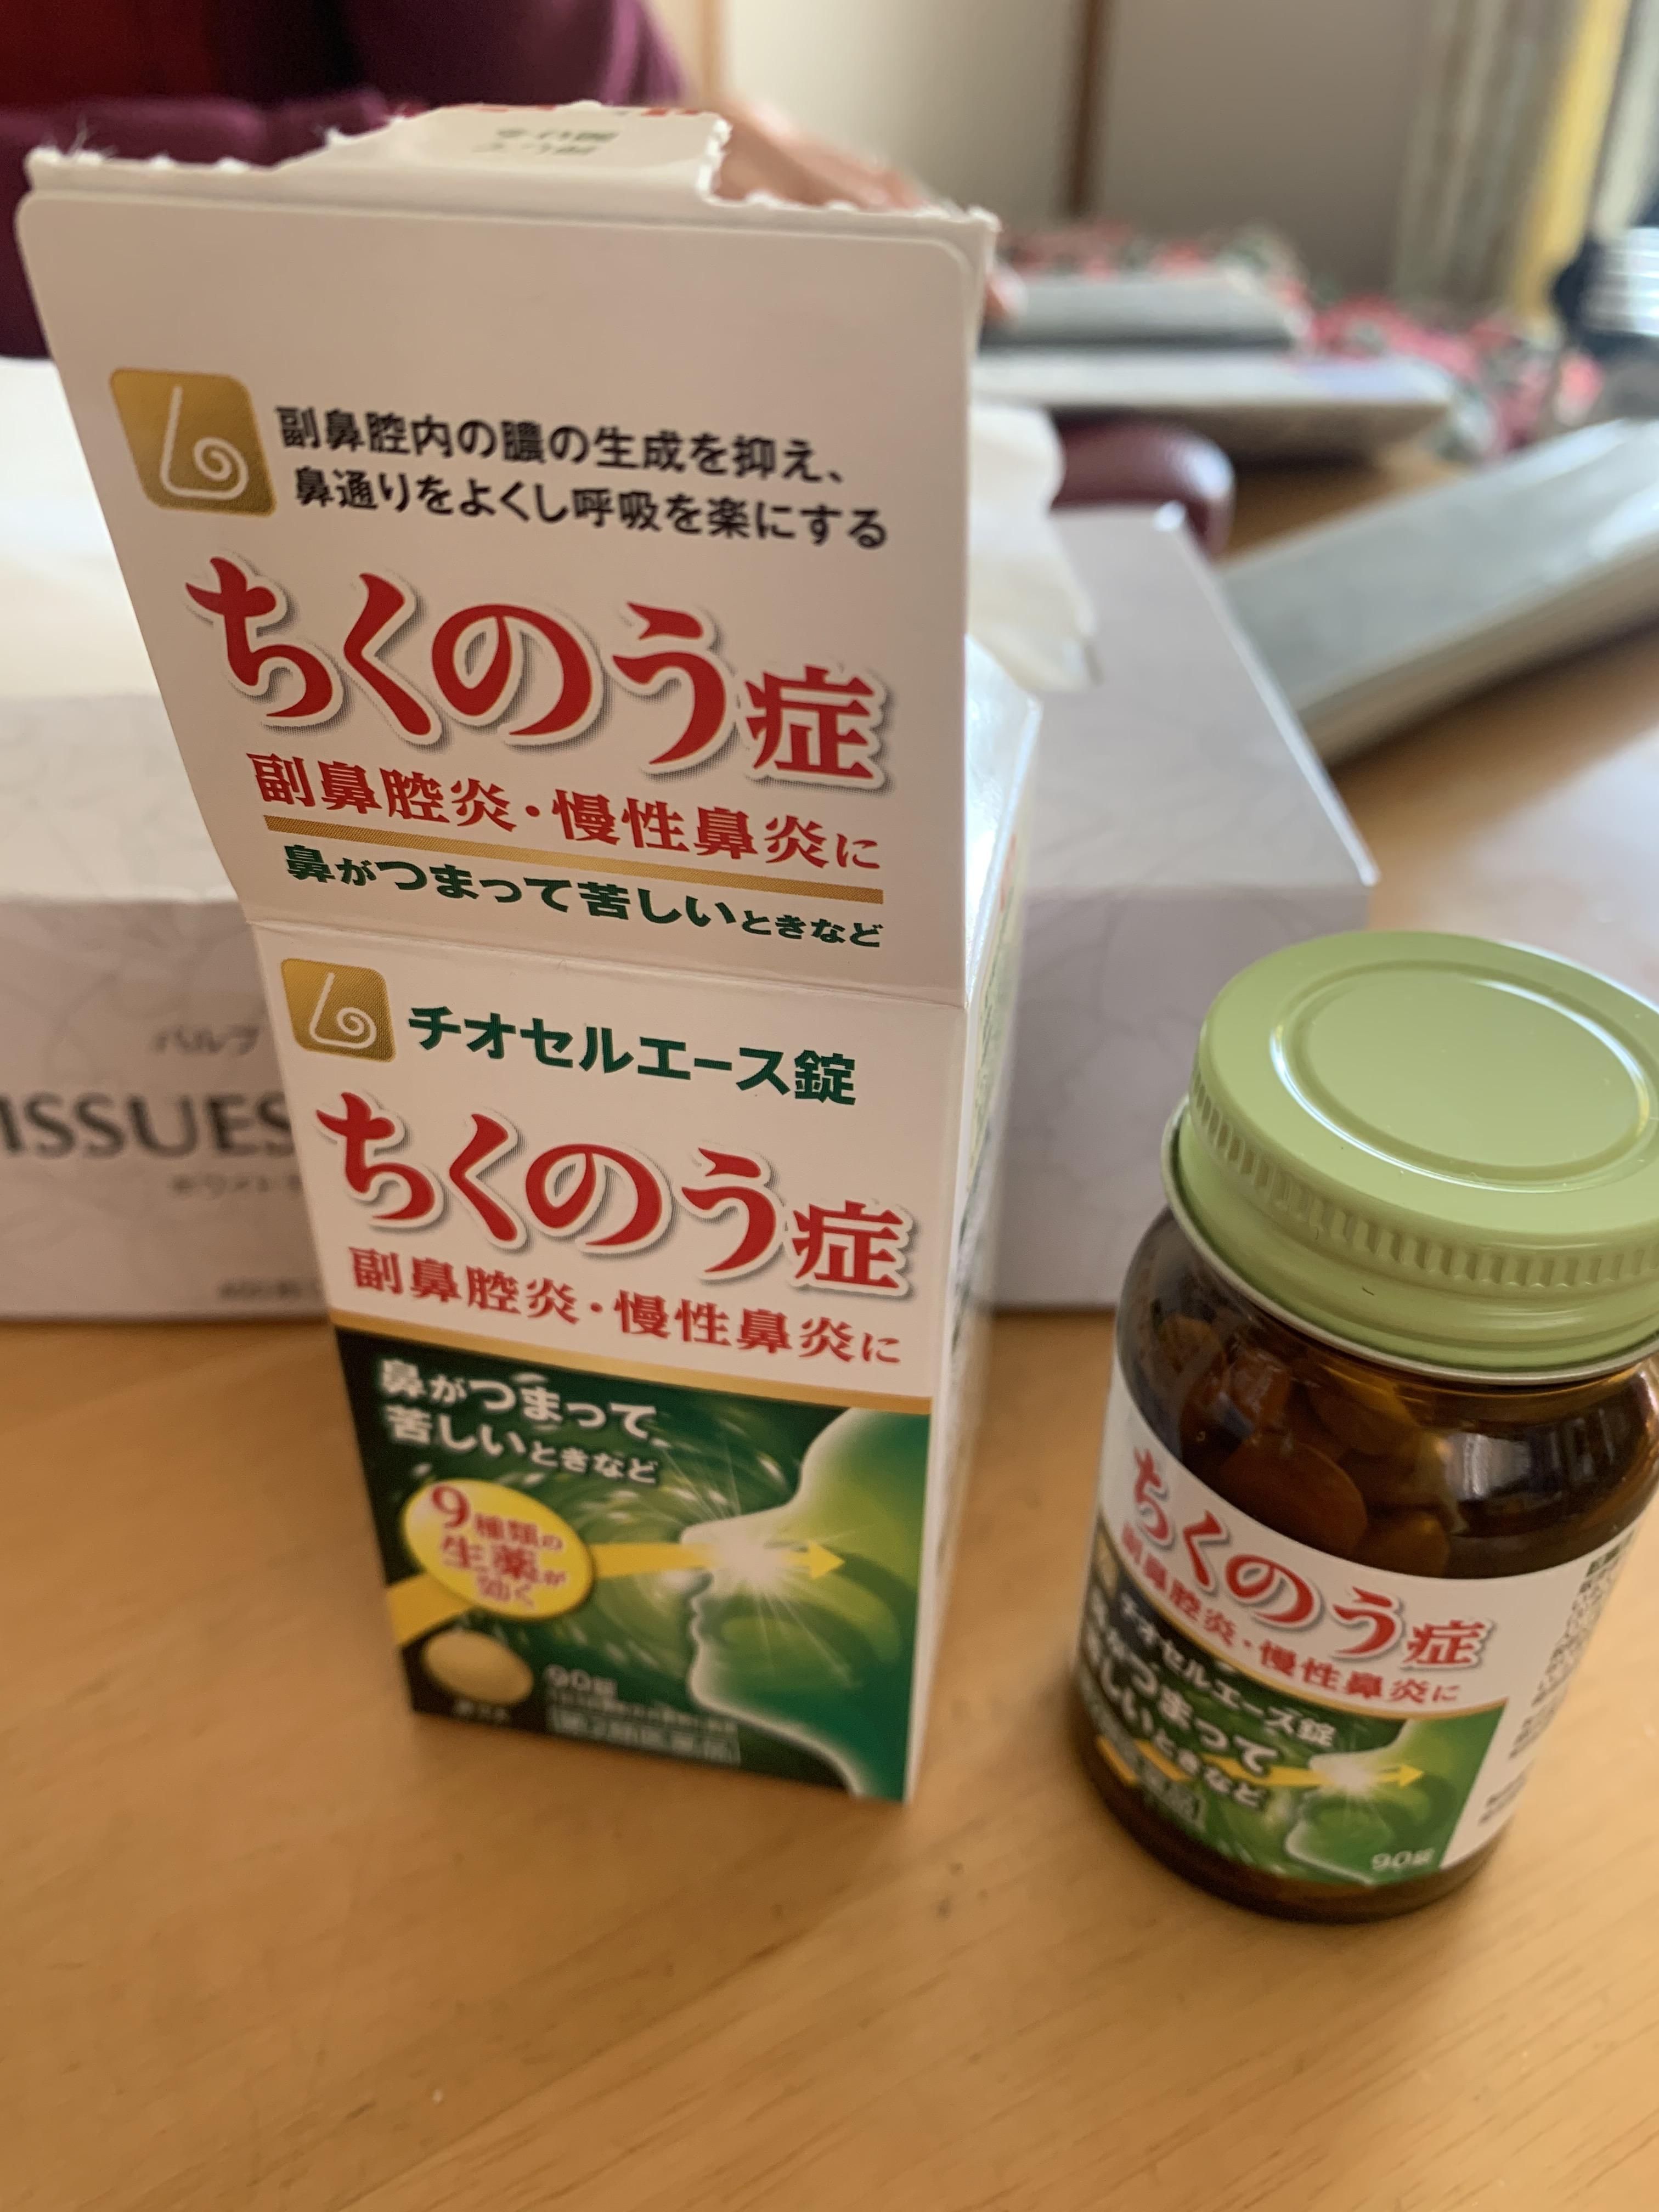 最近のアレルギー性鼻炎(蓄膿症)は市販薬でも改善します。